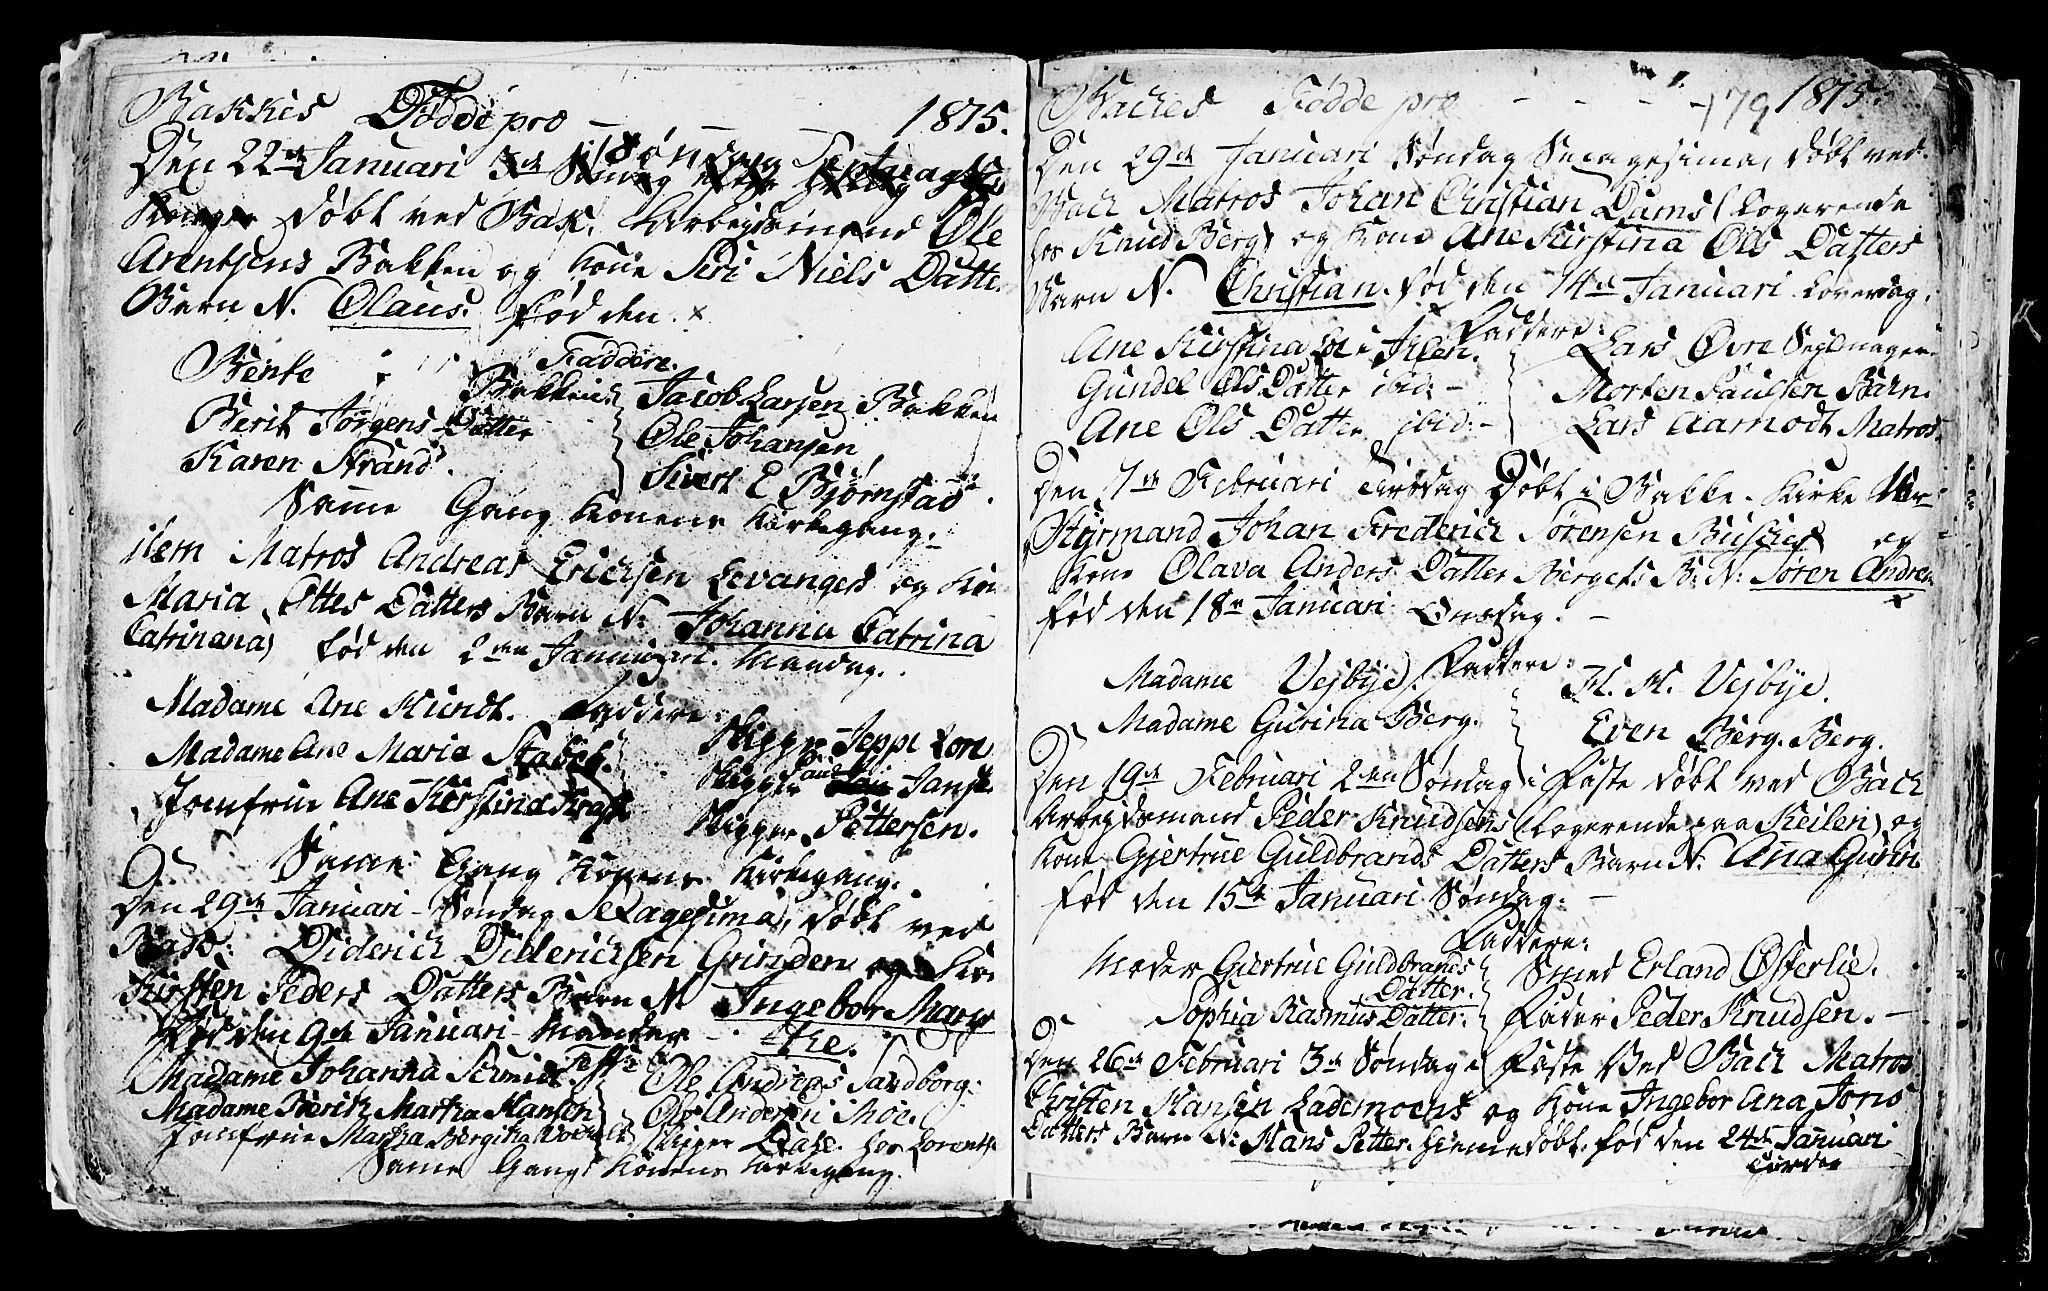 SAT, Ministerialprotokoller, klokkerbøker og fødselsregistre - Sør-Trøndelag, 604/L0218: Klokkerbok nr. 604C01, 1754-1819, s. 179